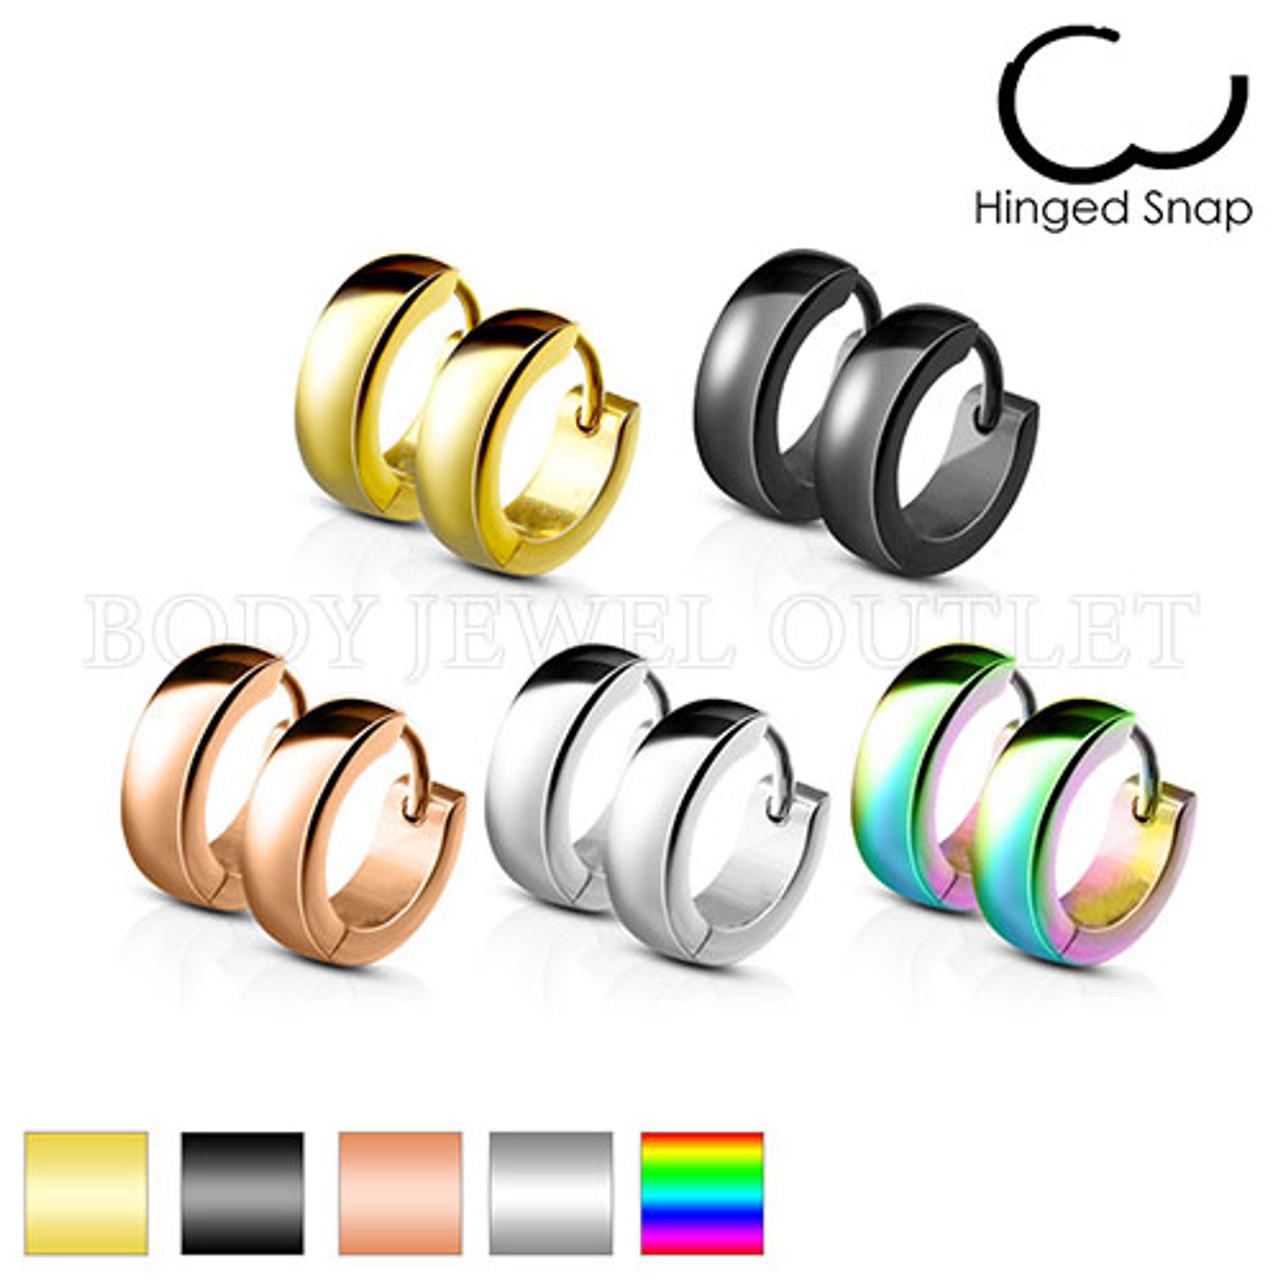 Rainbow IP 4mm Hoop - 316L Stainless Steel Hoop/Huggie Earrings - Pair (2 Pieces)